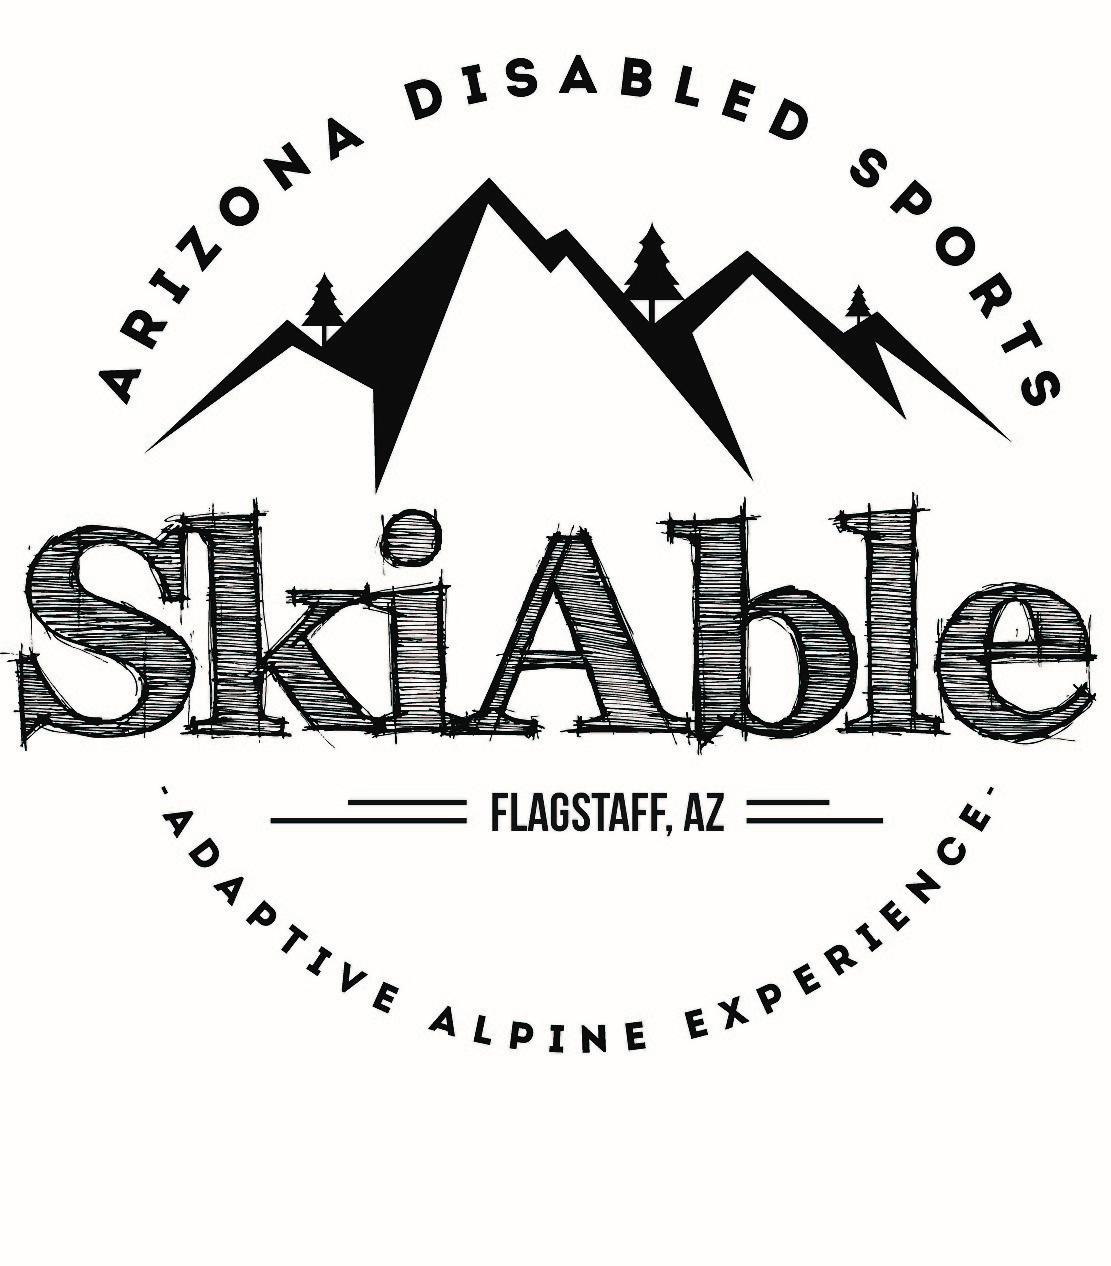 Skiable